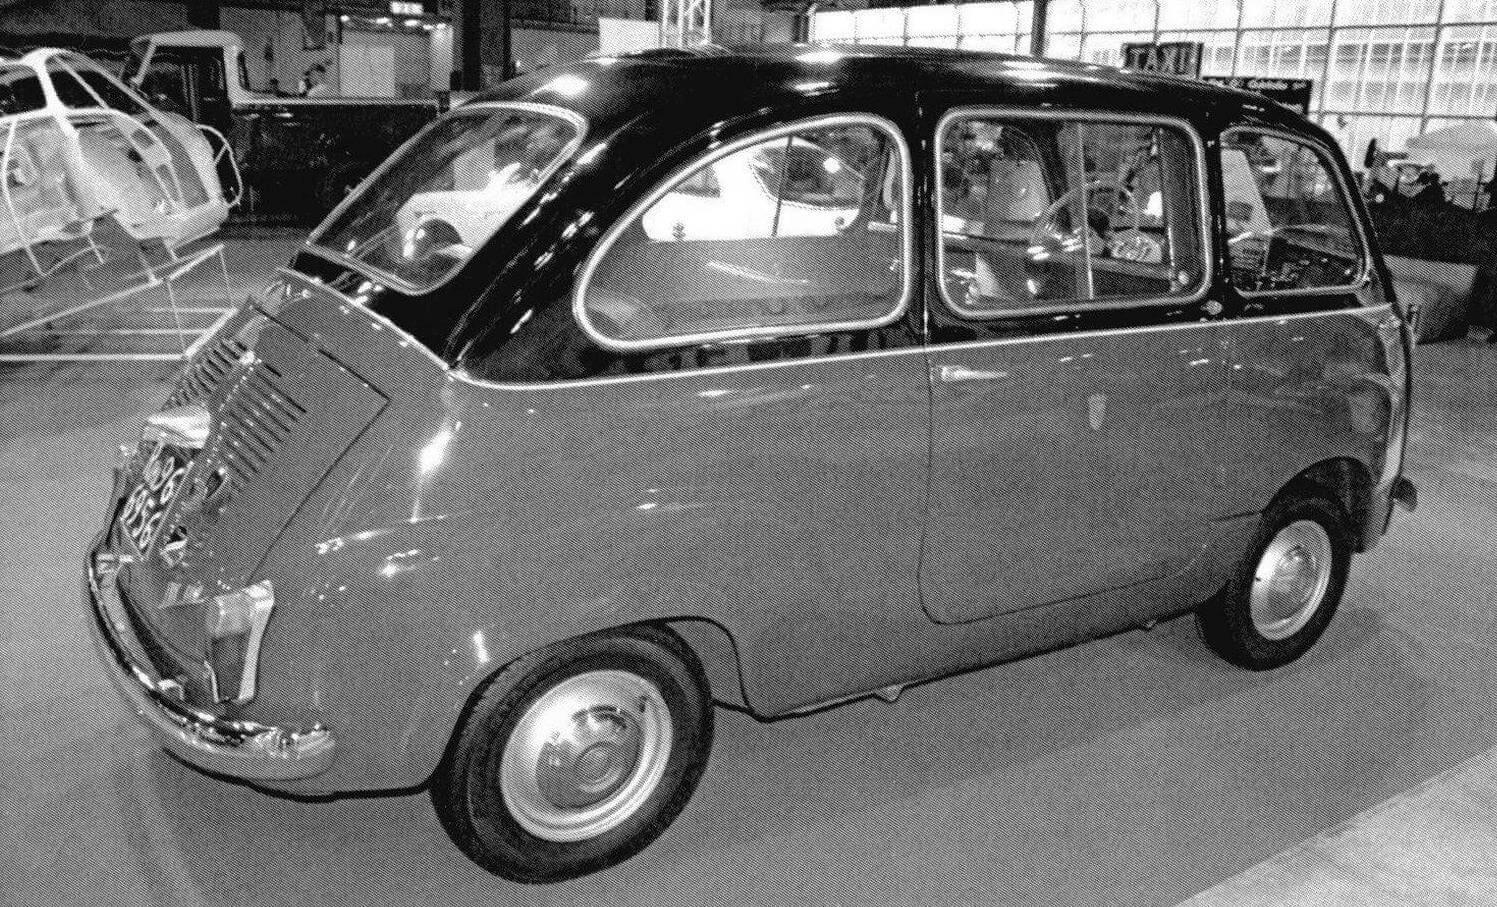 Основное отличие модификации такси Fiat 600 Multipla - наличие багажного отсека вместо правого переднего кресла